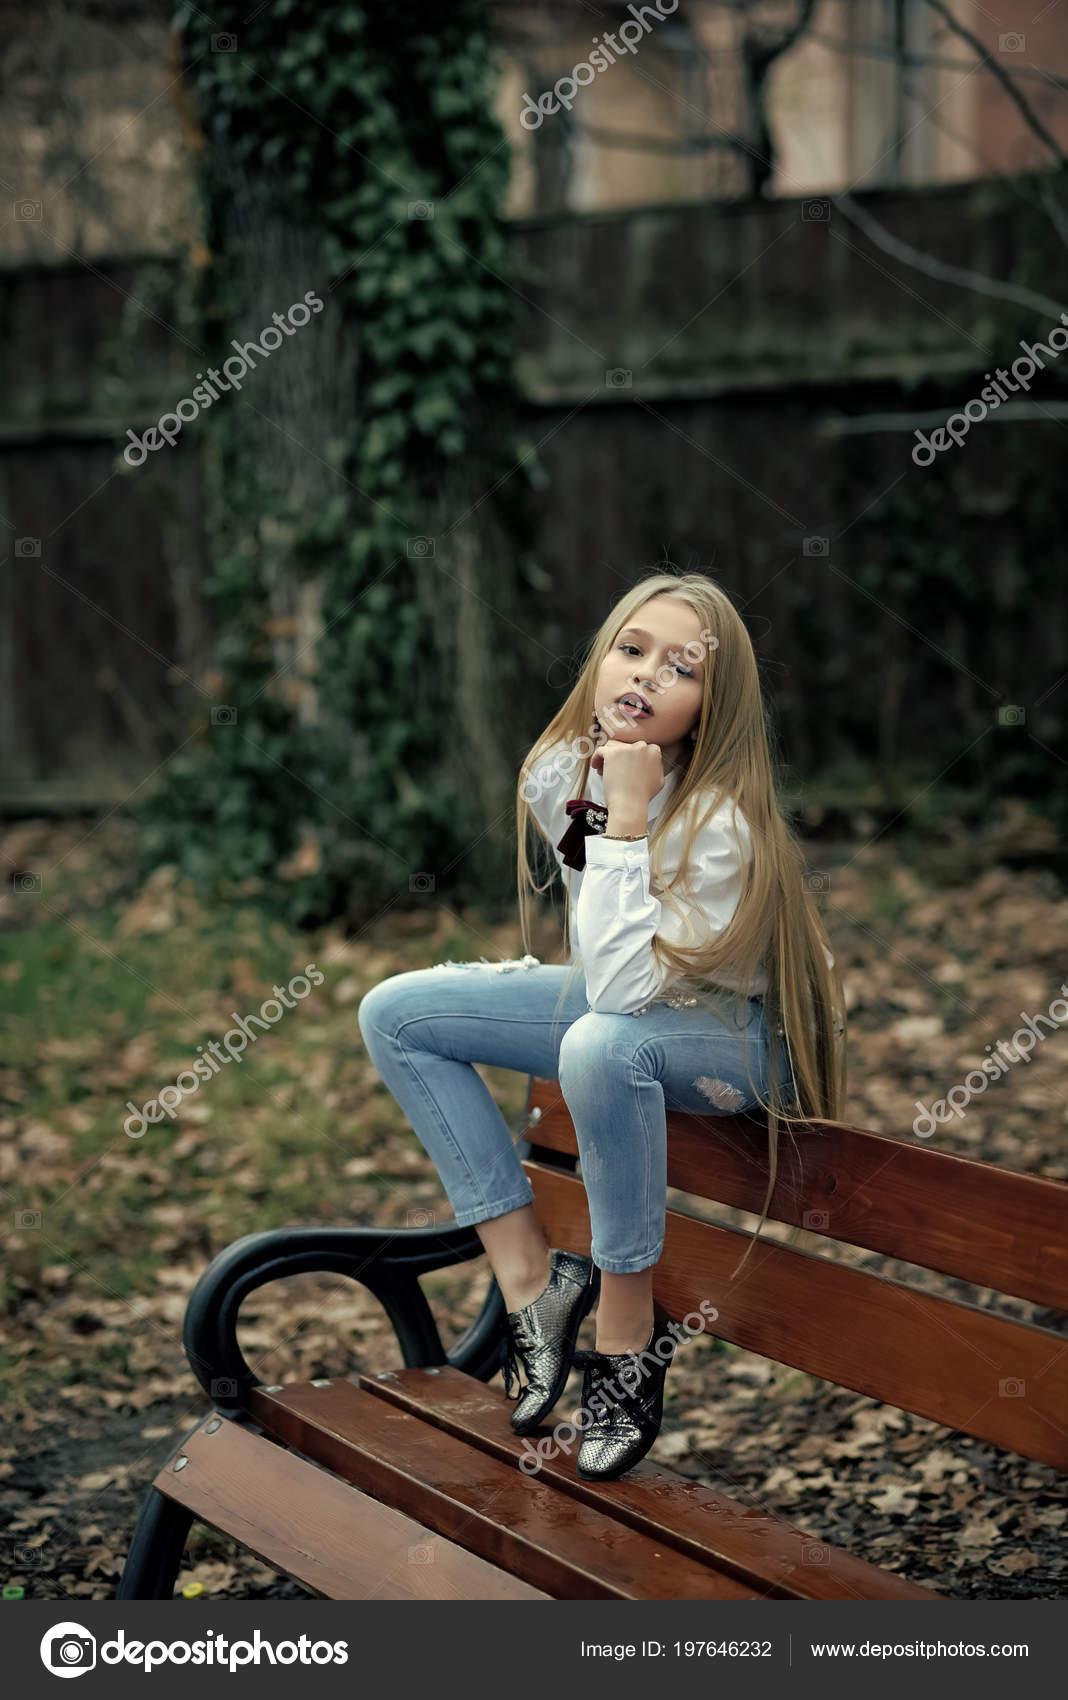 Mädchen In Modische Jeans Sitzen Auf Bank Mode Kleines Kind Mit